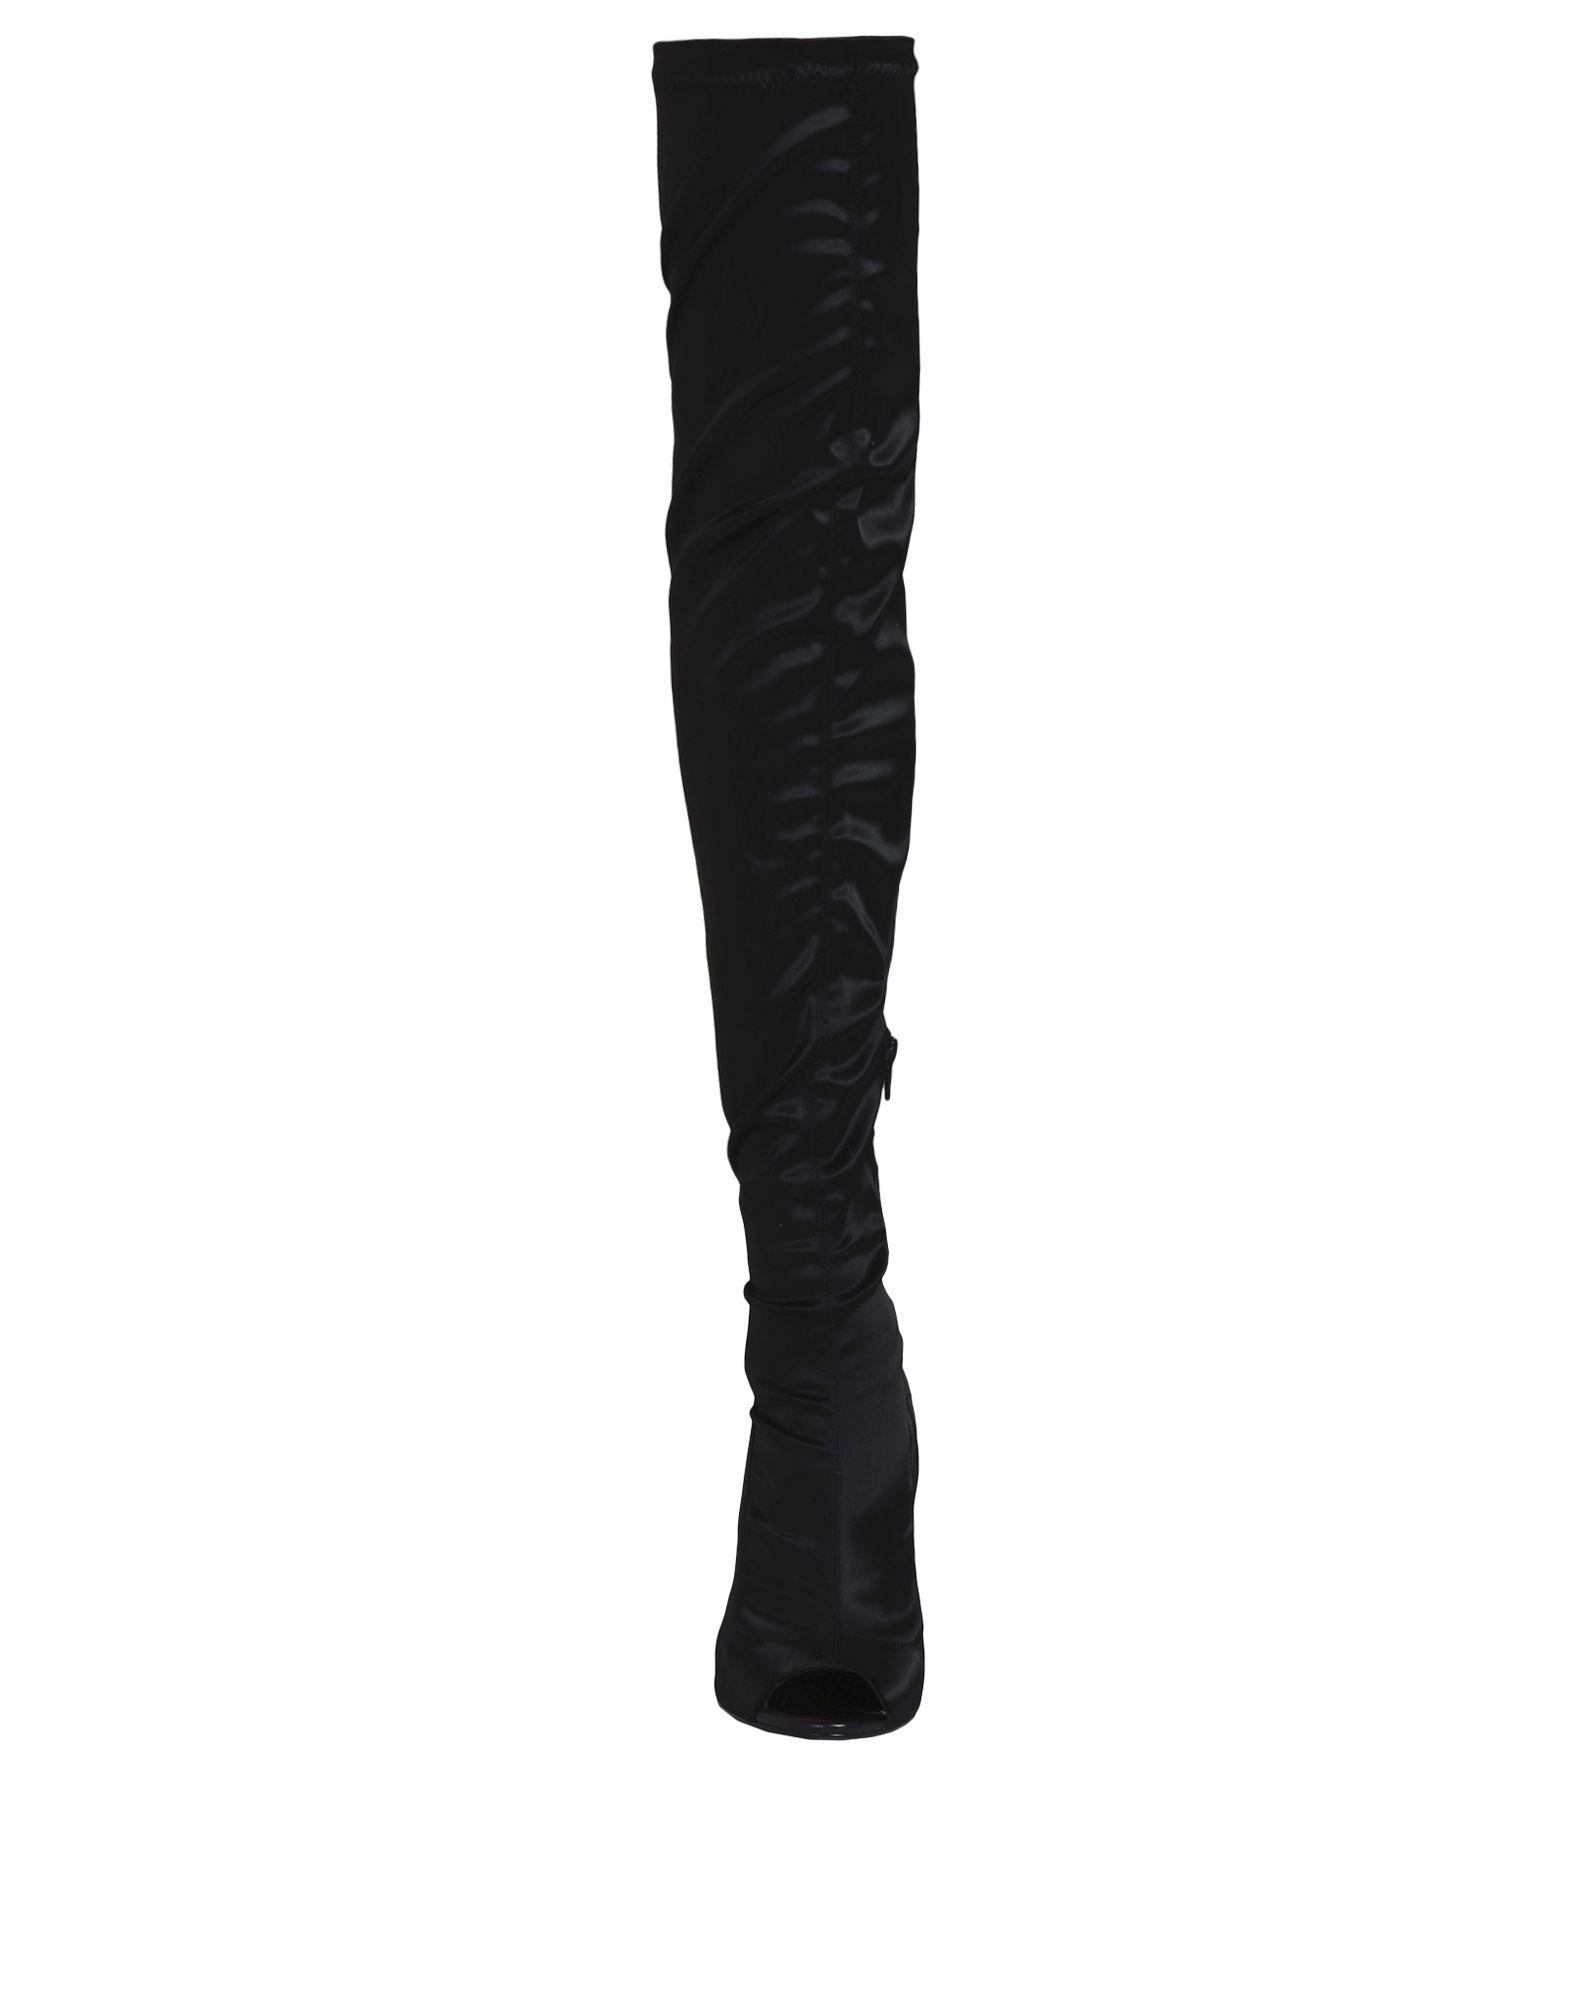 Jolie Spiers By Edward Spiers Jolie Stiefel Damen  11452118OH Gute Qualität beliebte Schuhe 9c587d